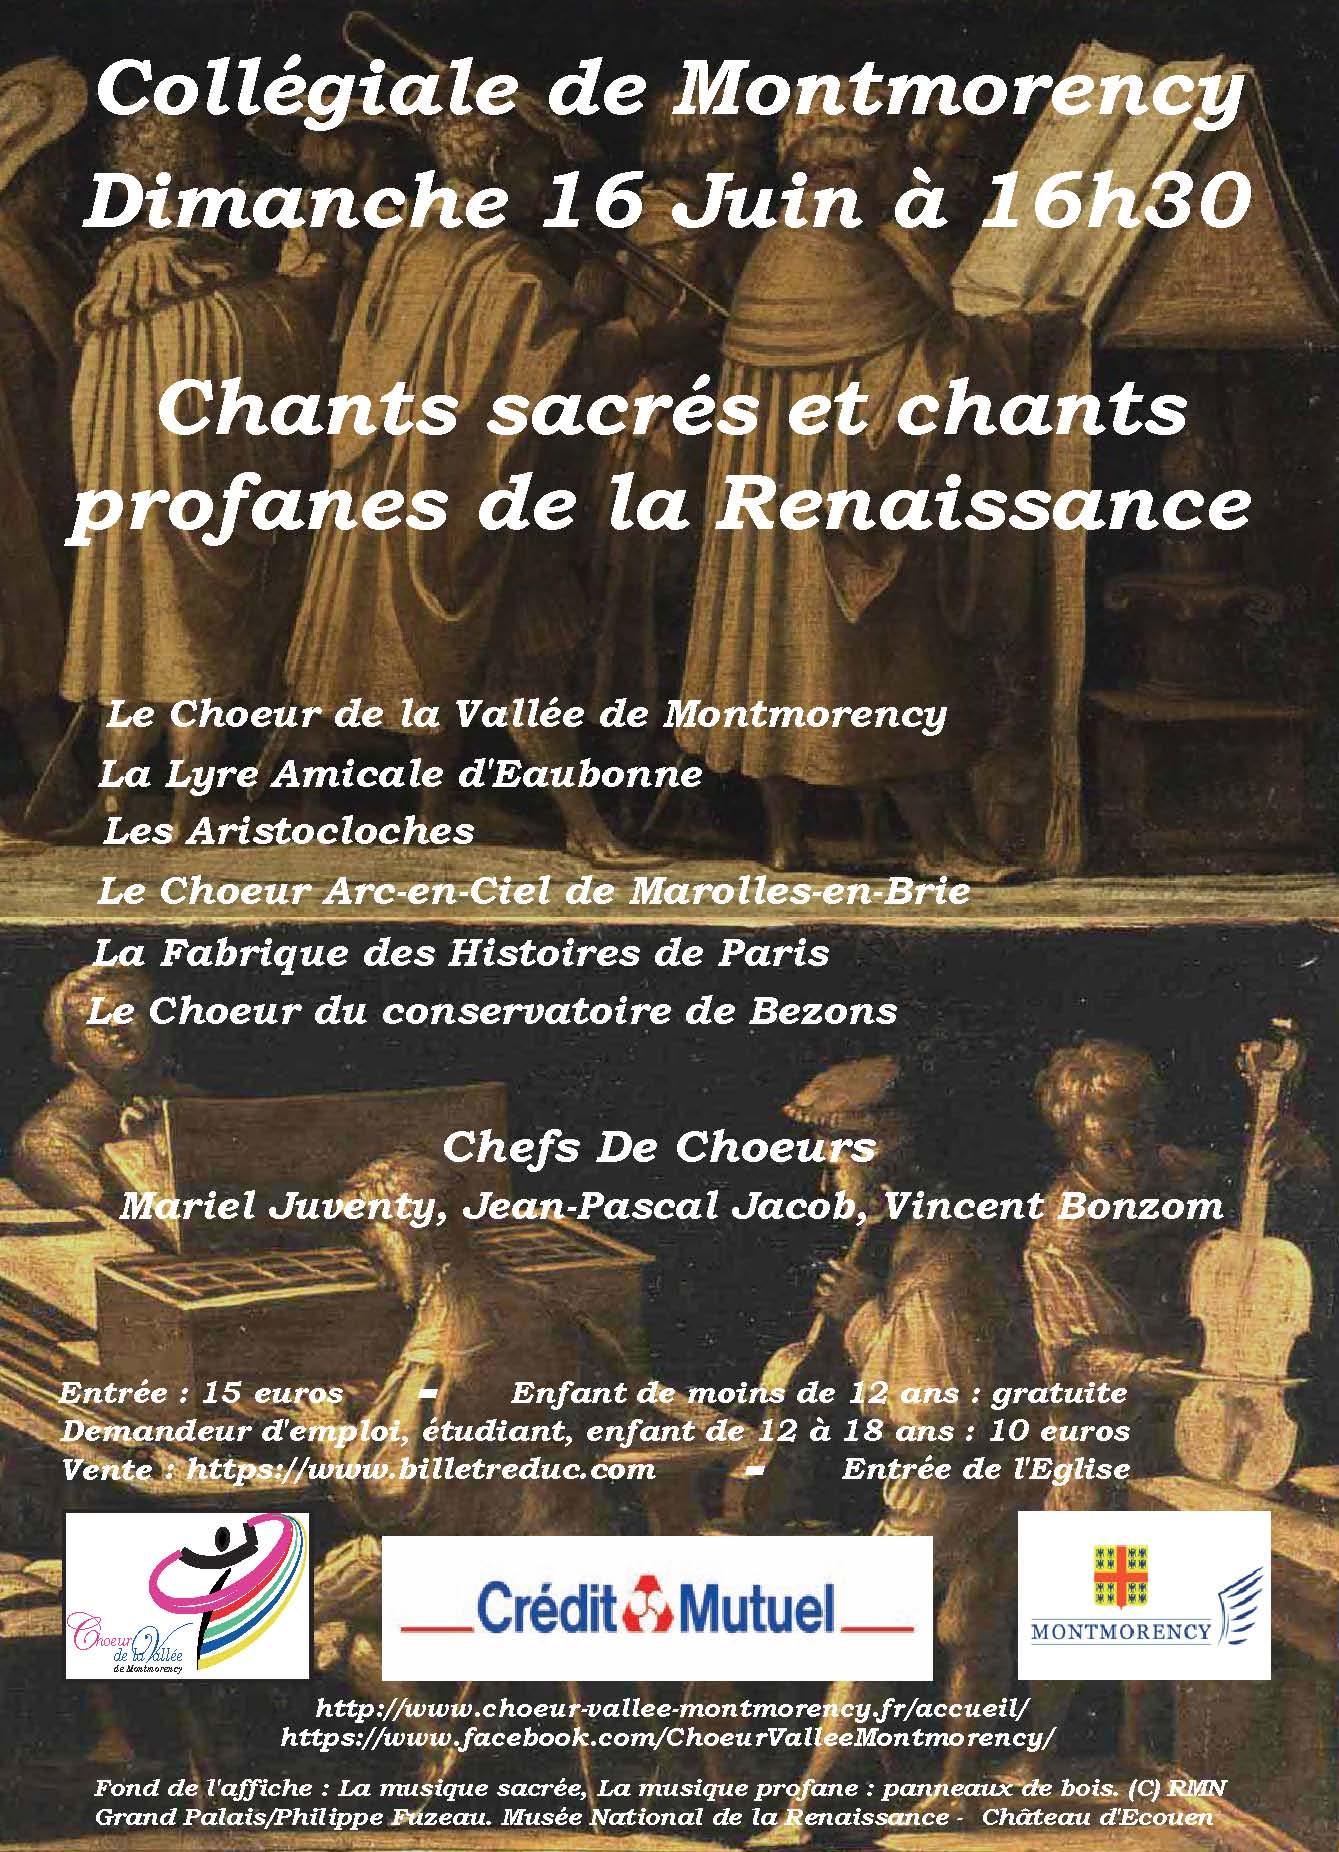 Chants sacrés - Collégiale de Montmorency